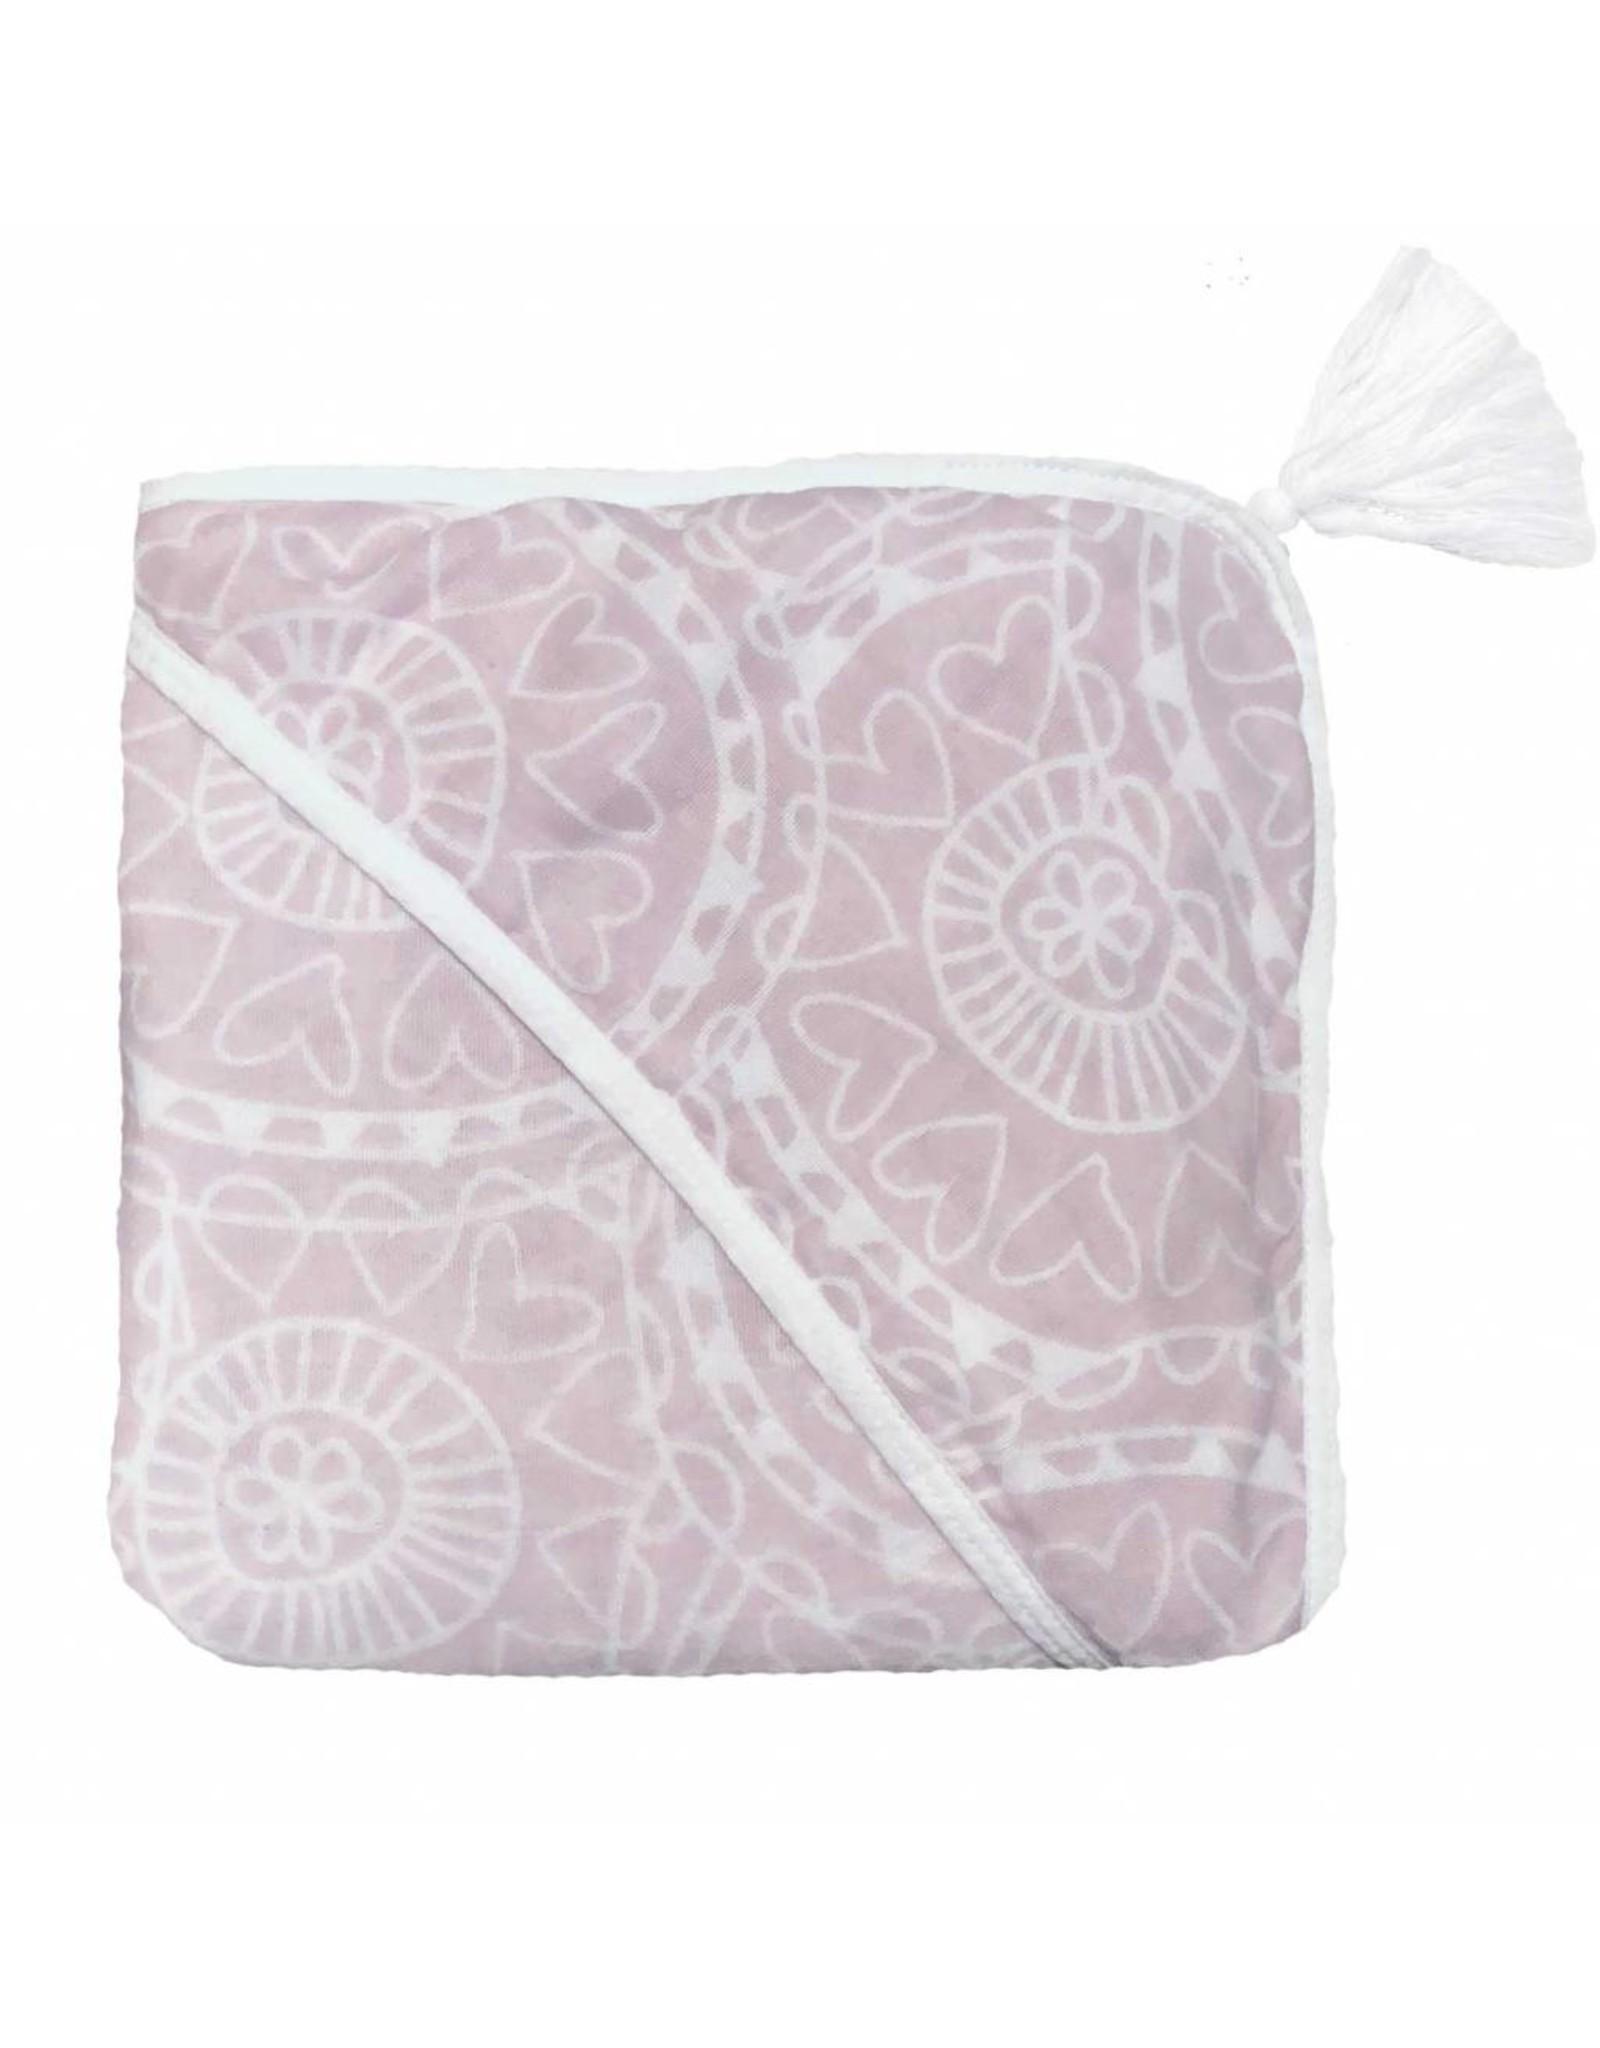 Witlof for Kids Witlof for Kids Badcape / Omslagdoek Little Lof Misty Pink